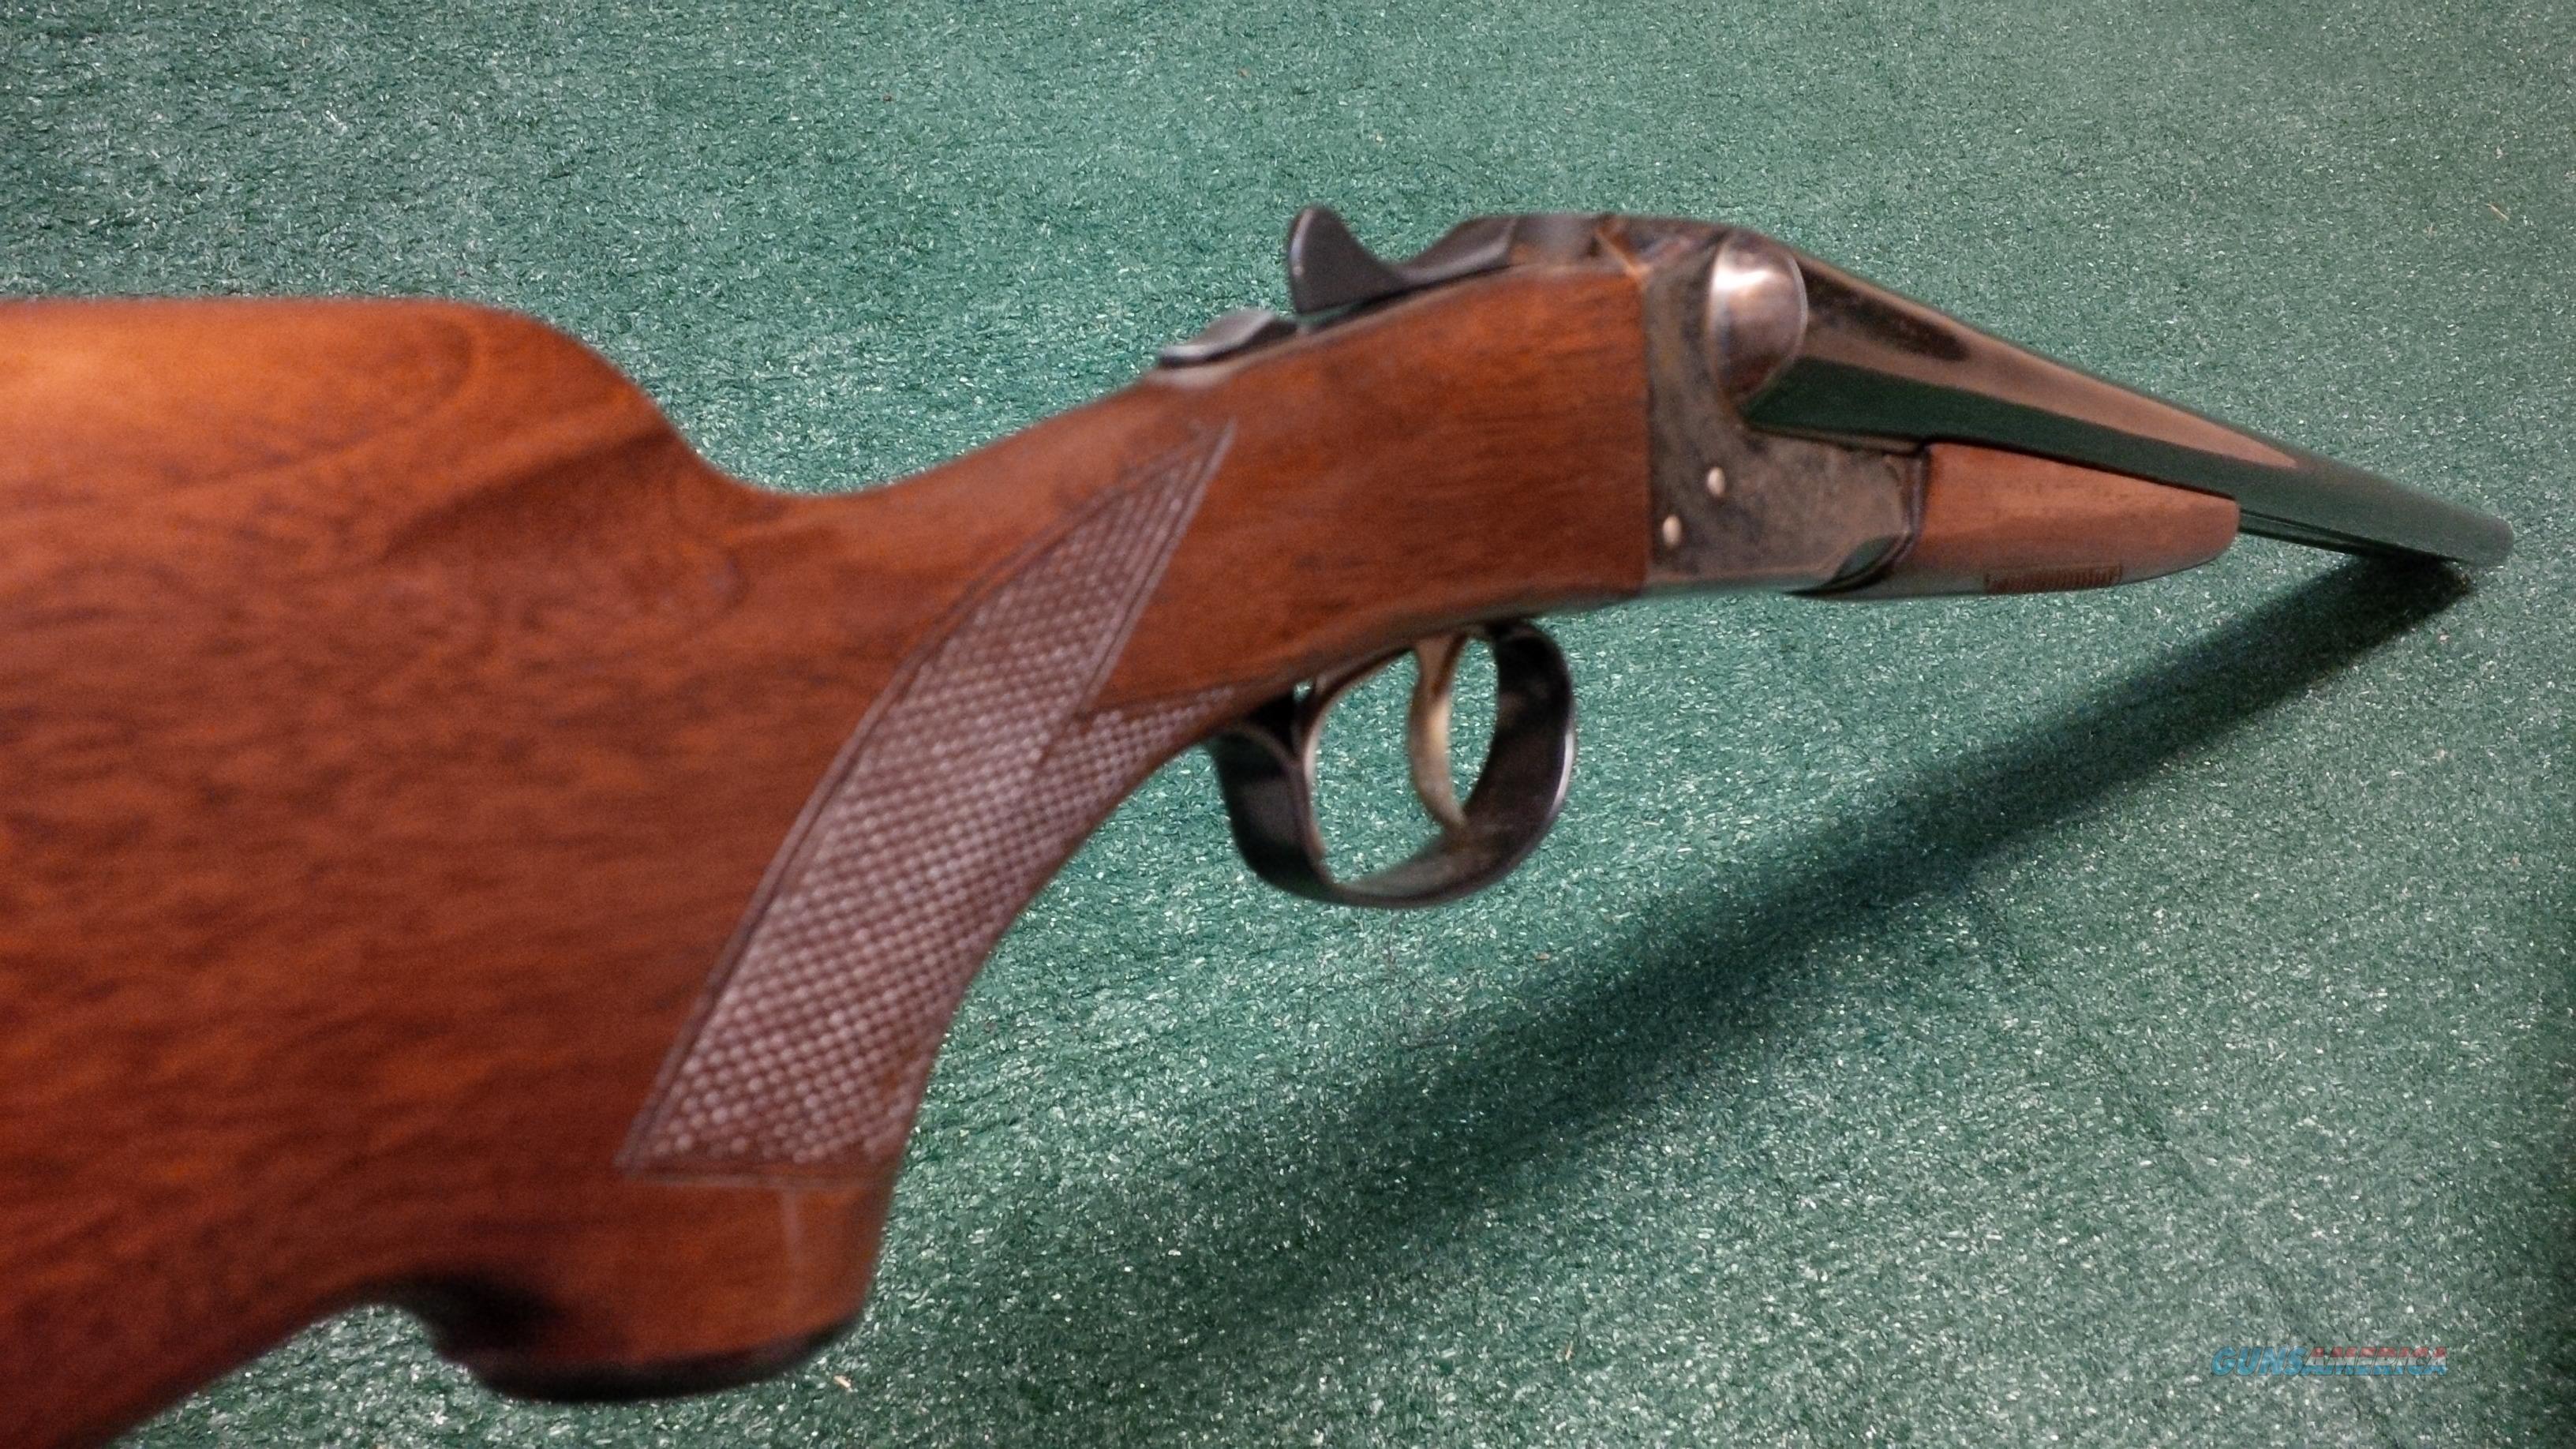 Savage/Fox Model B 12 gauge SxS shotgun   Guns > Shotguns > Savage Shotguns